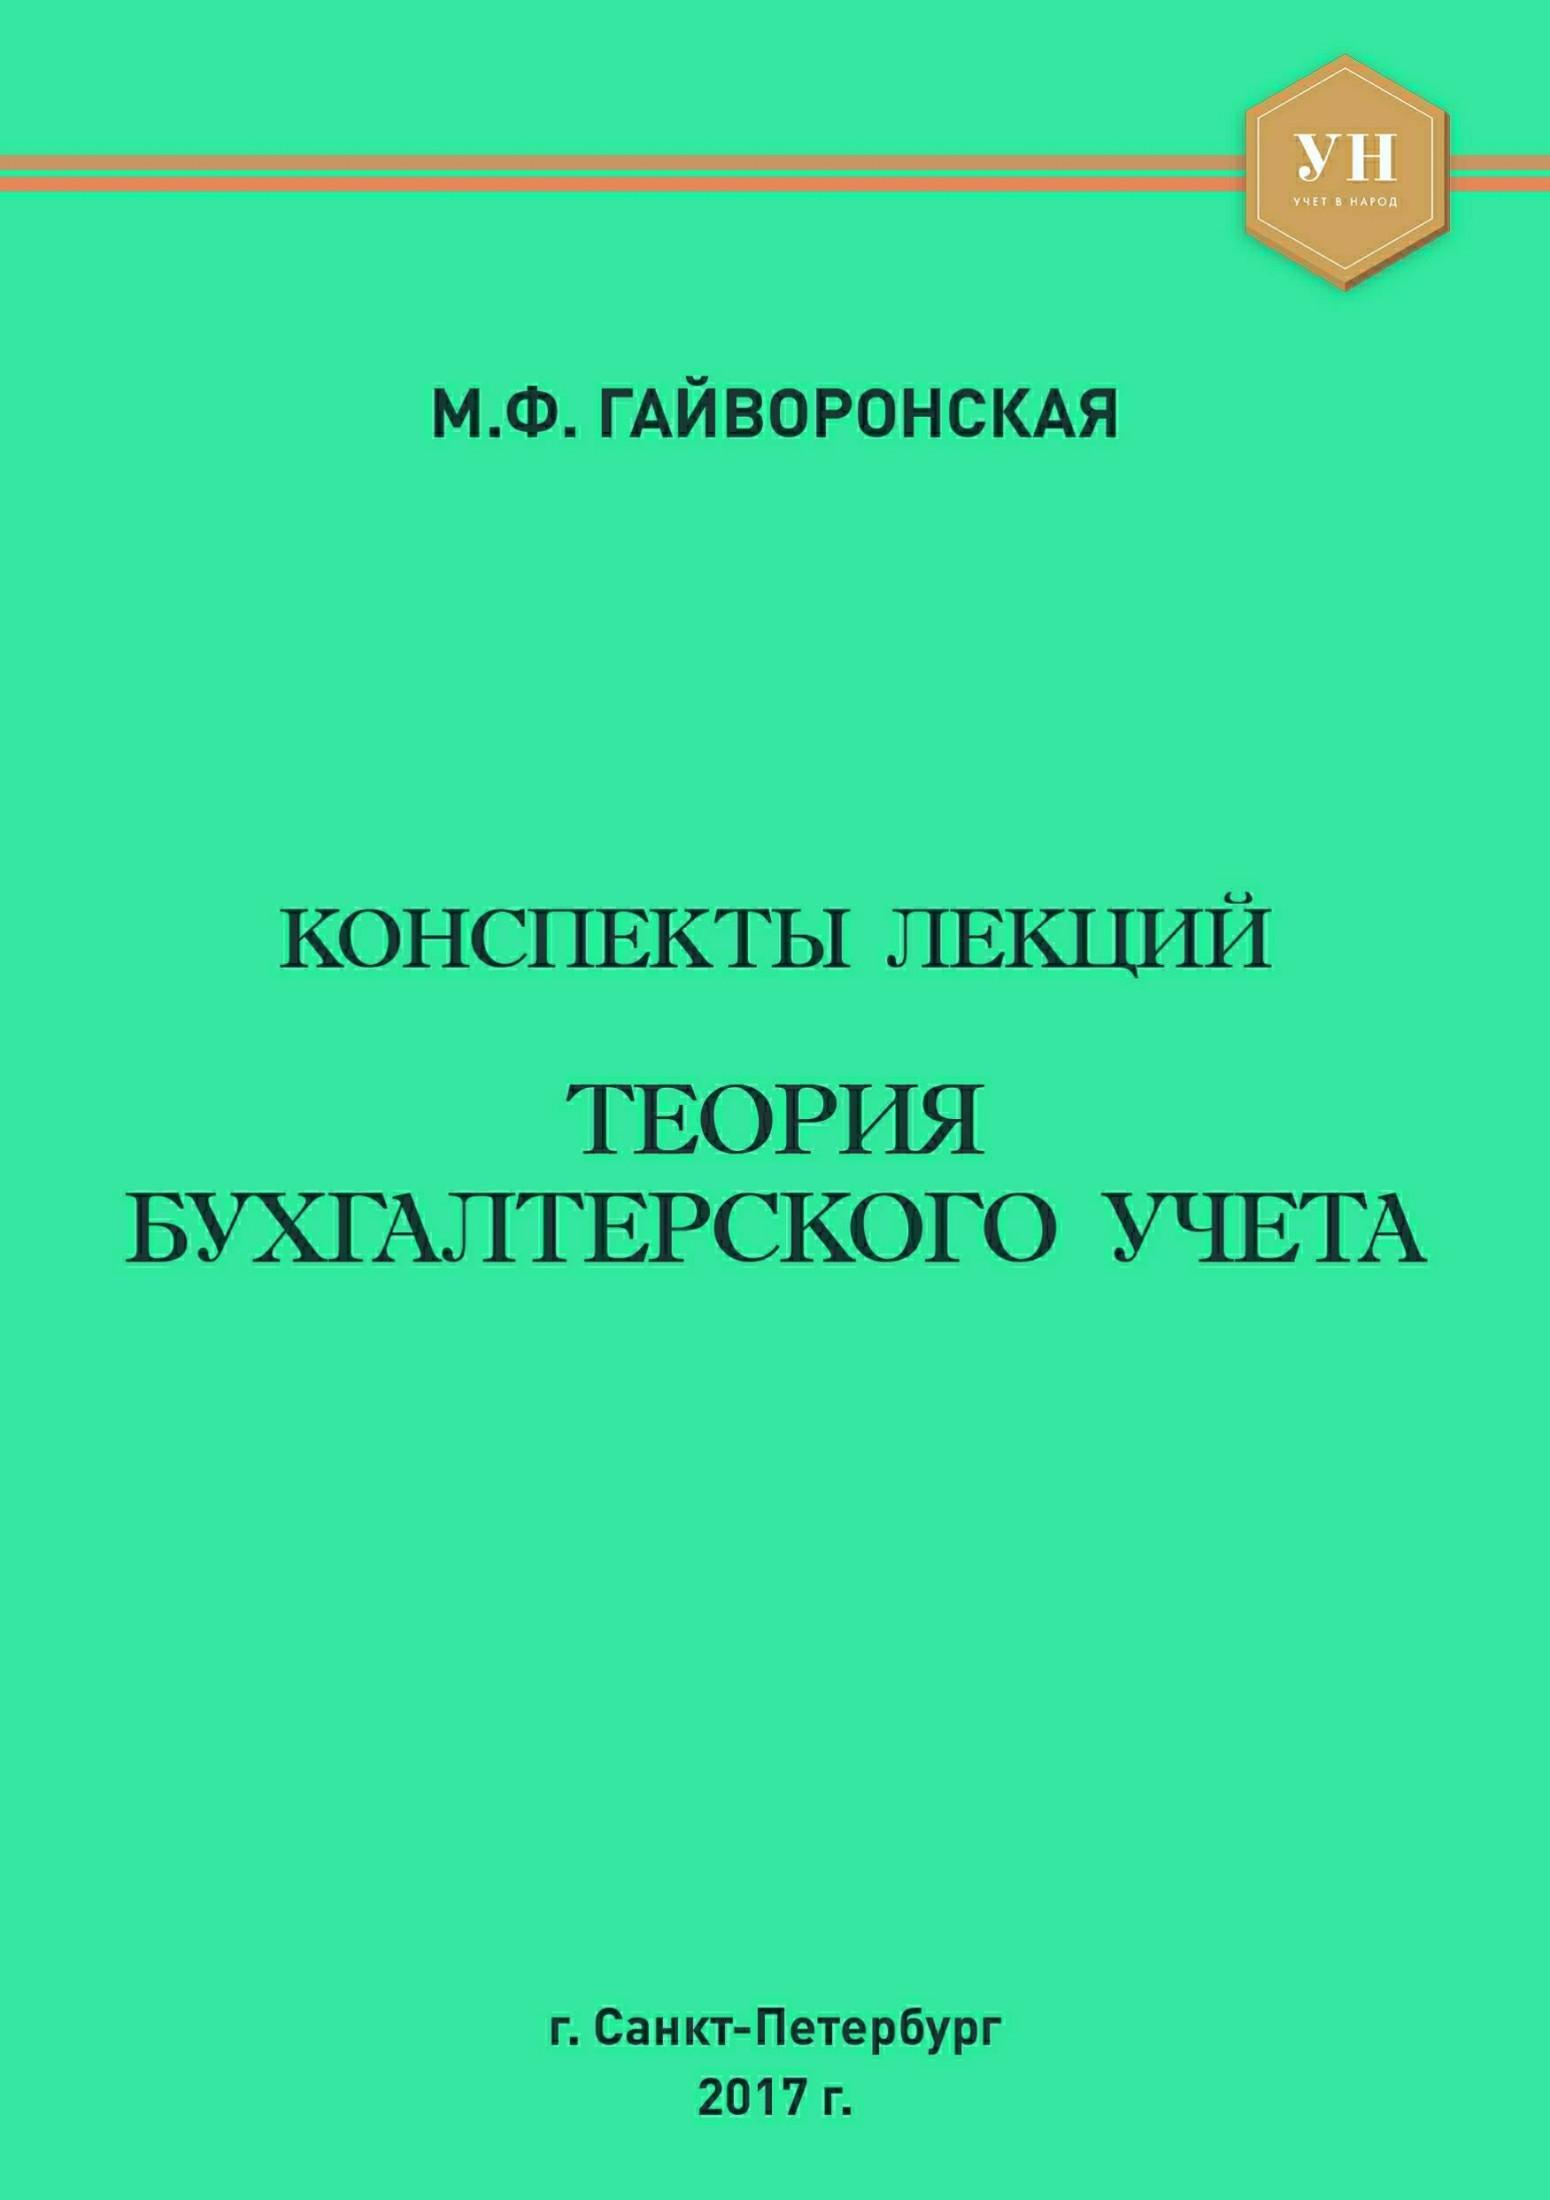 Марина Федоровна Гайворонская. Теория бухгалтерского учета. Конспекты лекций